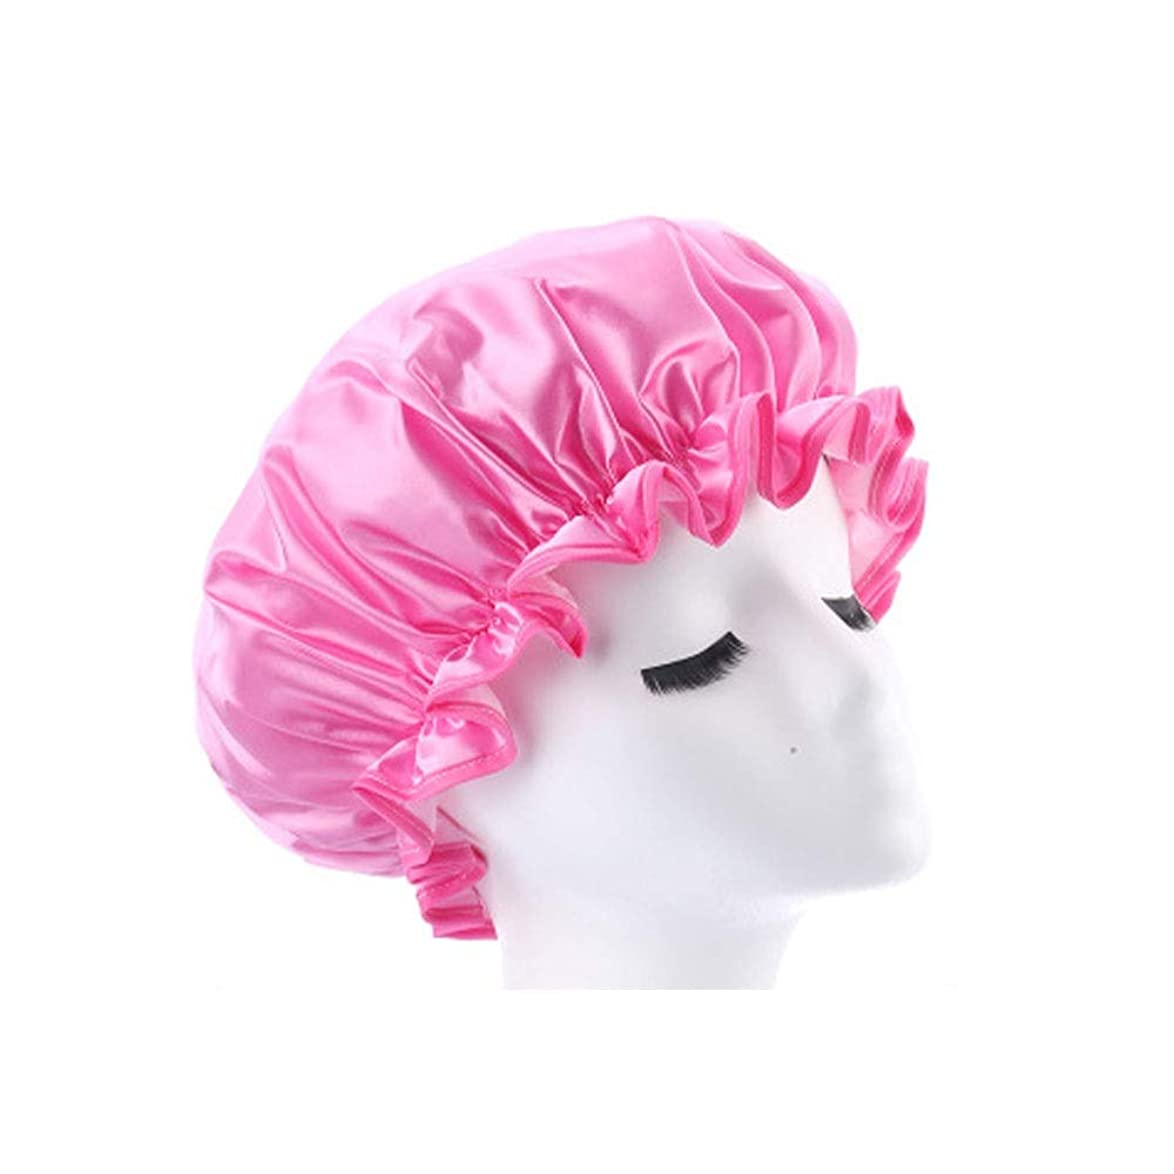 合併症森キャップシャワーキャップ、レディースシャワーキャップデラックスシャワーキャップすべての髪の毛の長さと太さの女性に適しています - 防水とカビ防止、再利用可能なシャワー。 (Color : 9)